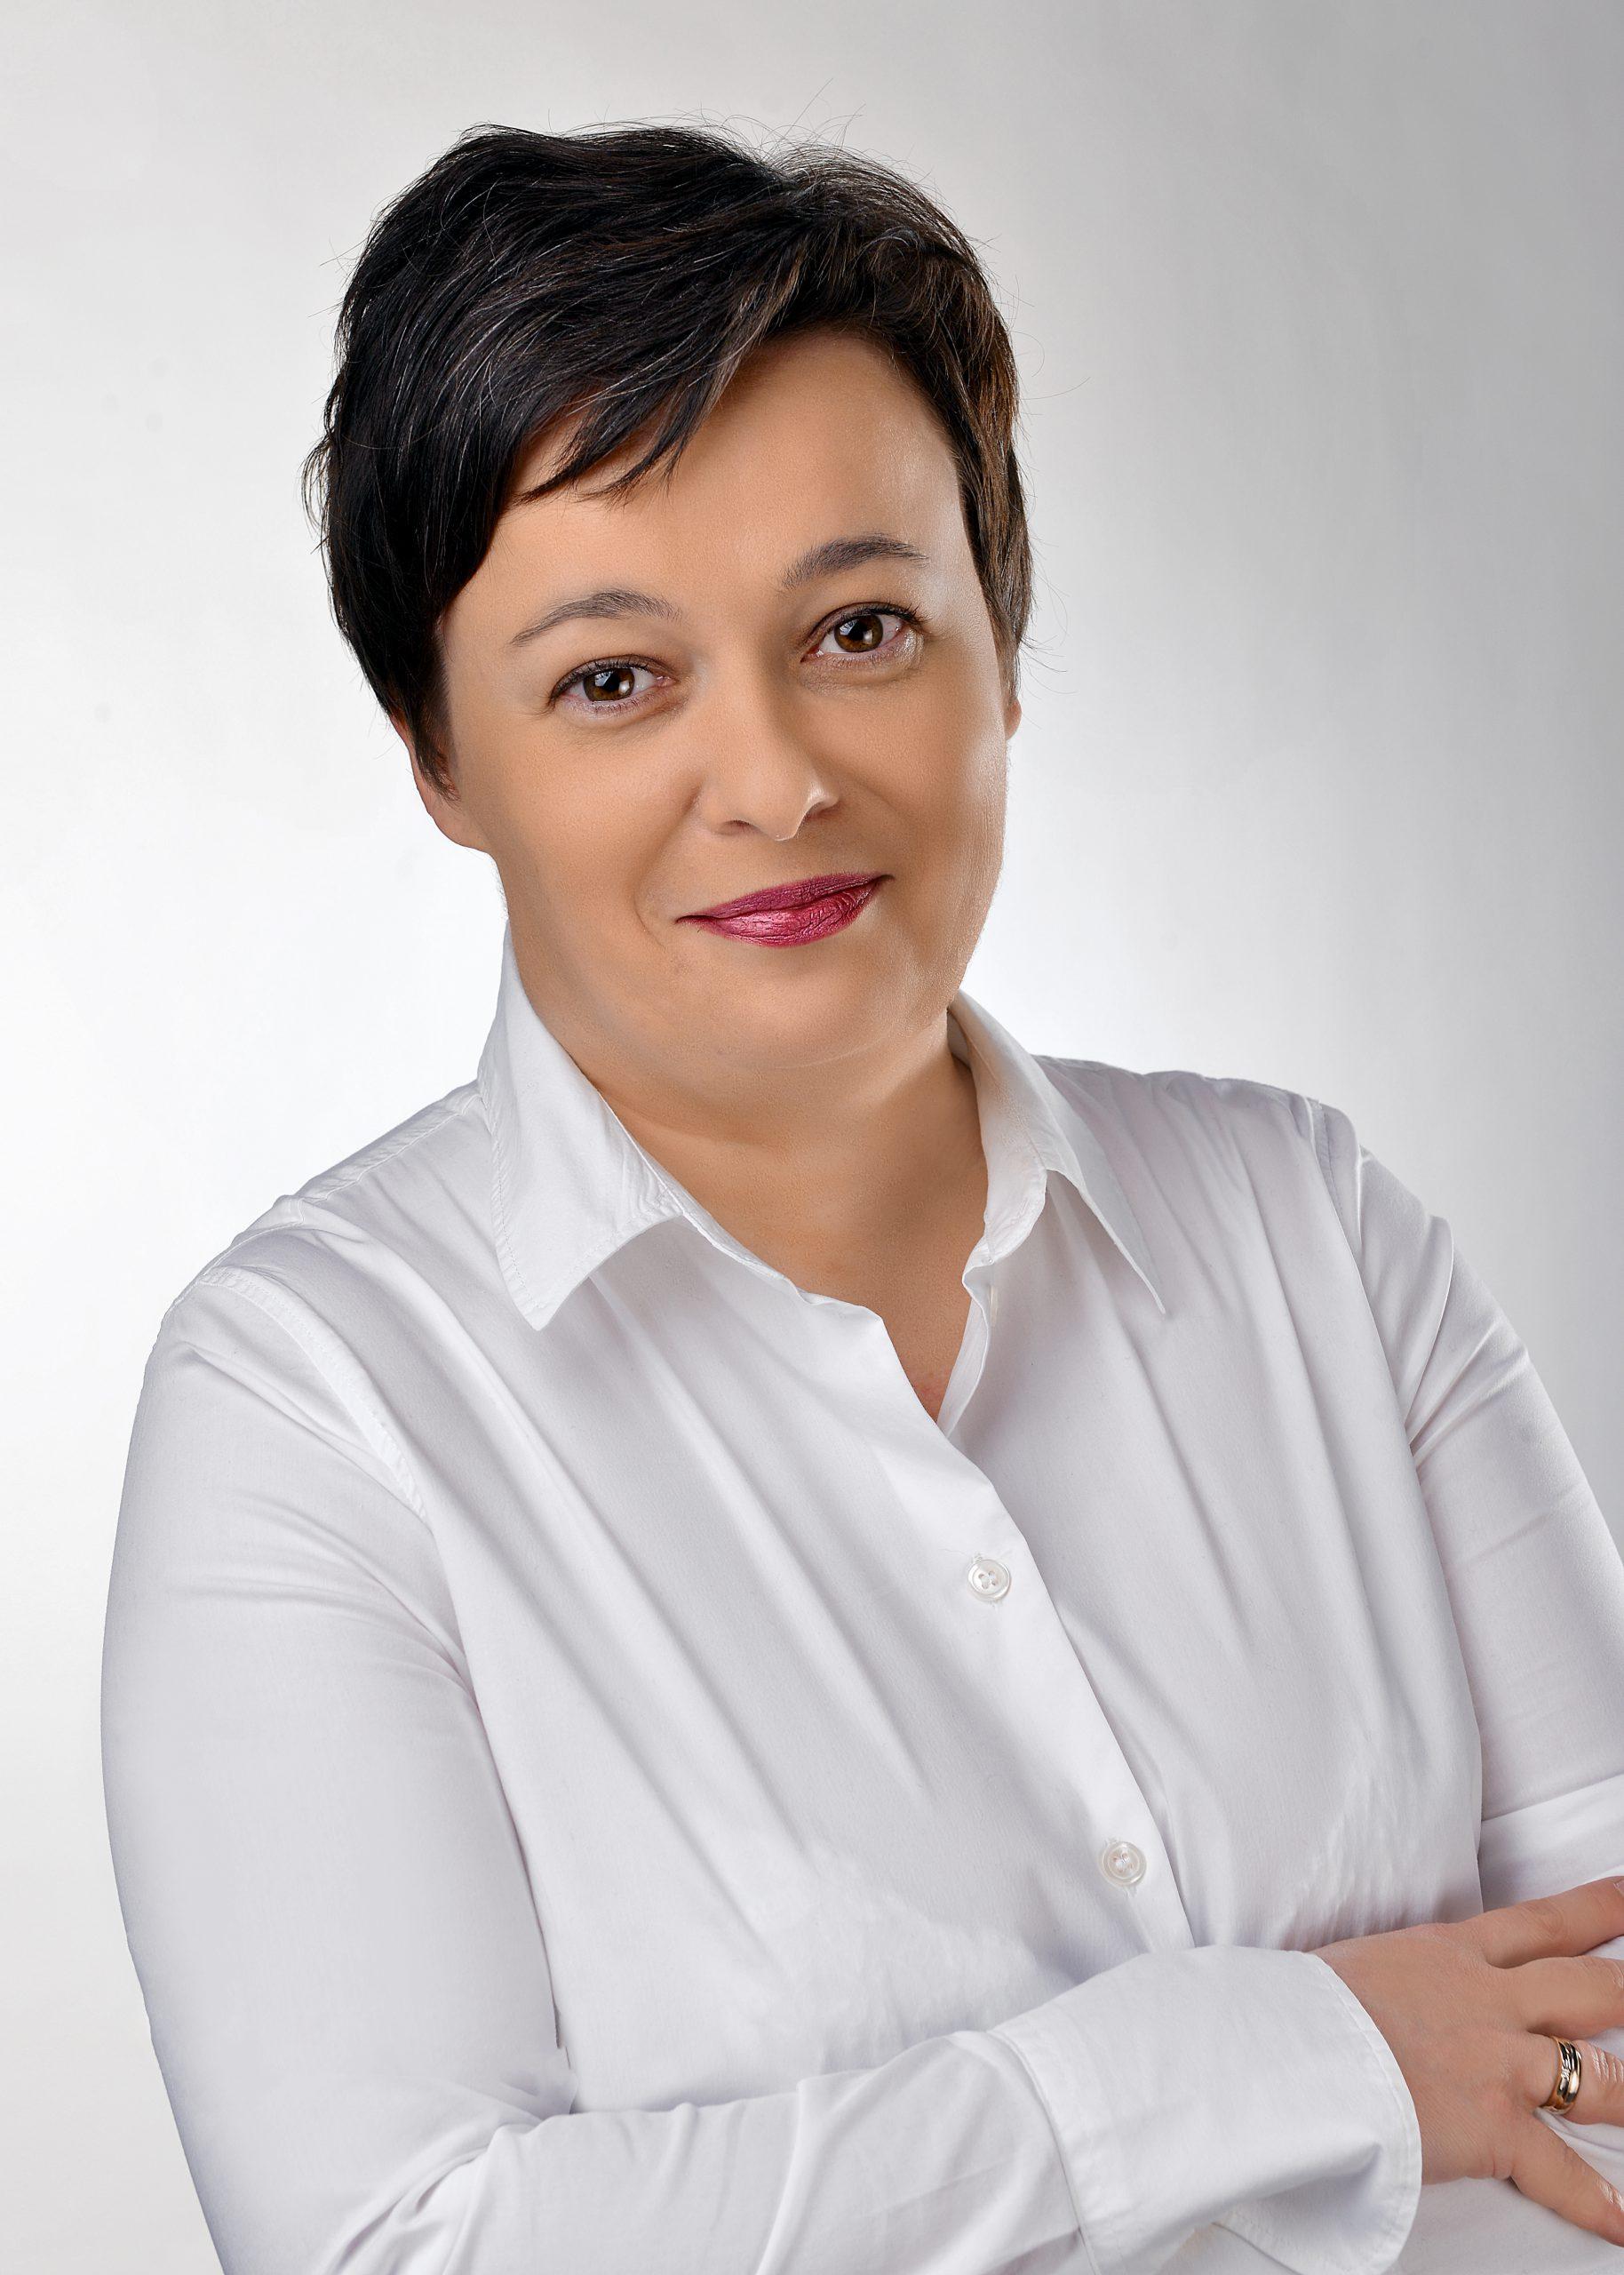 Magdalena lisowska-janiszewska